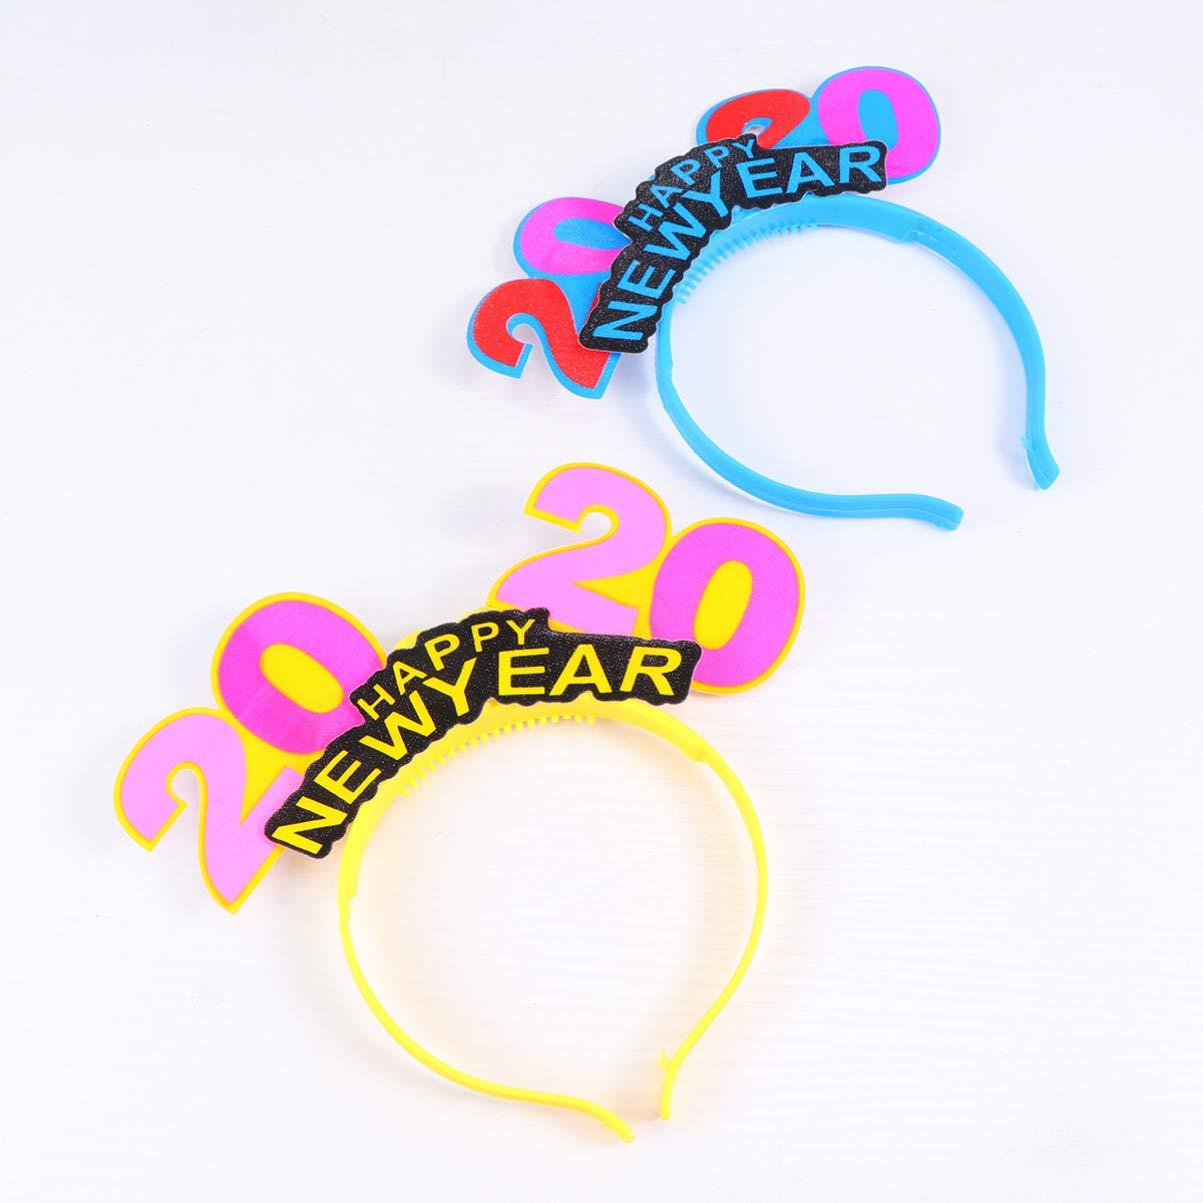 Amosfun 4 piezas 2020 a/ño nuevo led diademas iluminadas sombreros 2020 fiesta de fin de a/ño favorece regalos color aleatorio color aleatorio